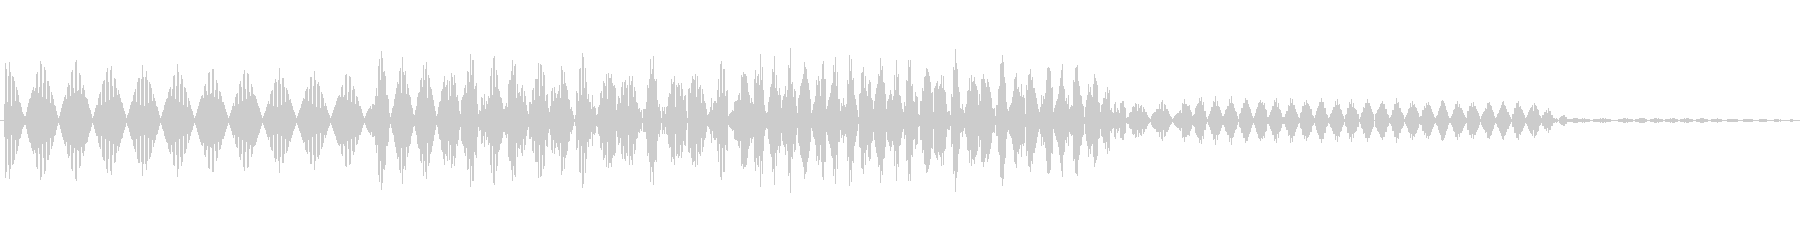 ボタン決定音システム選択タッチ登録C03の未再生の波形